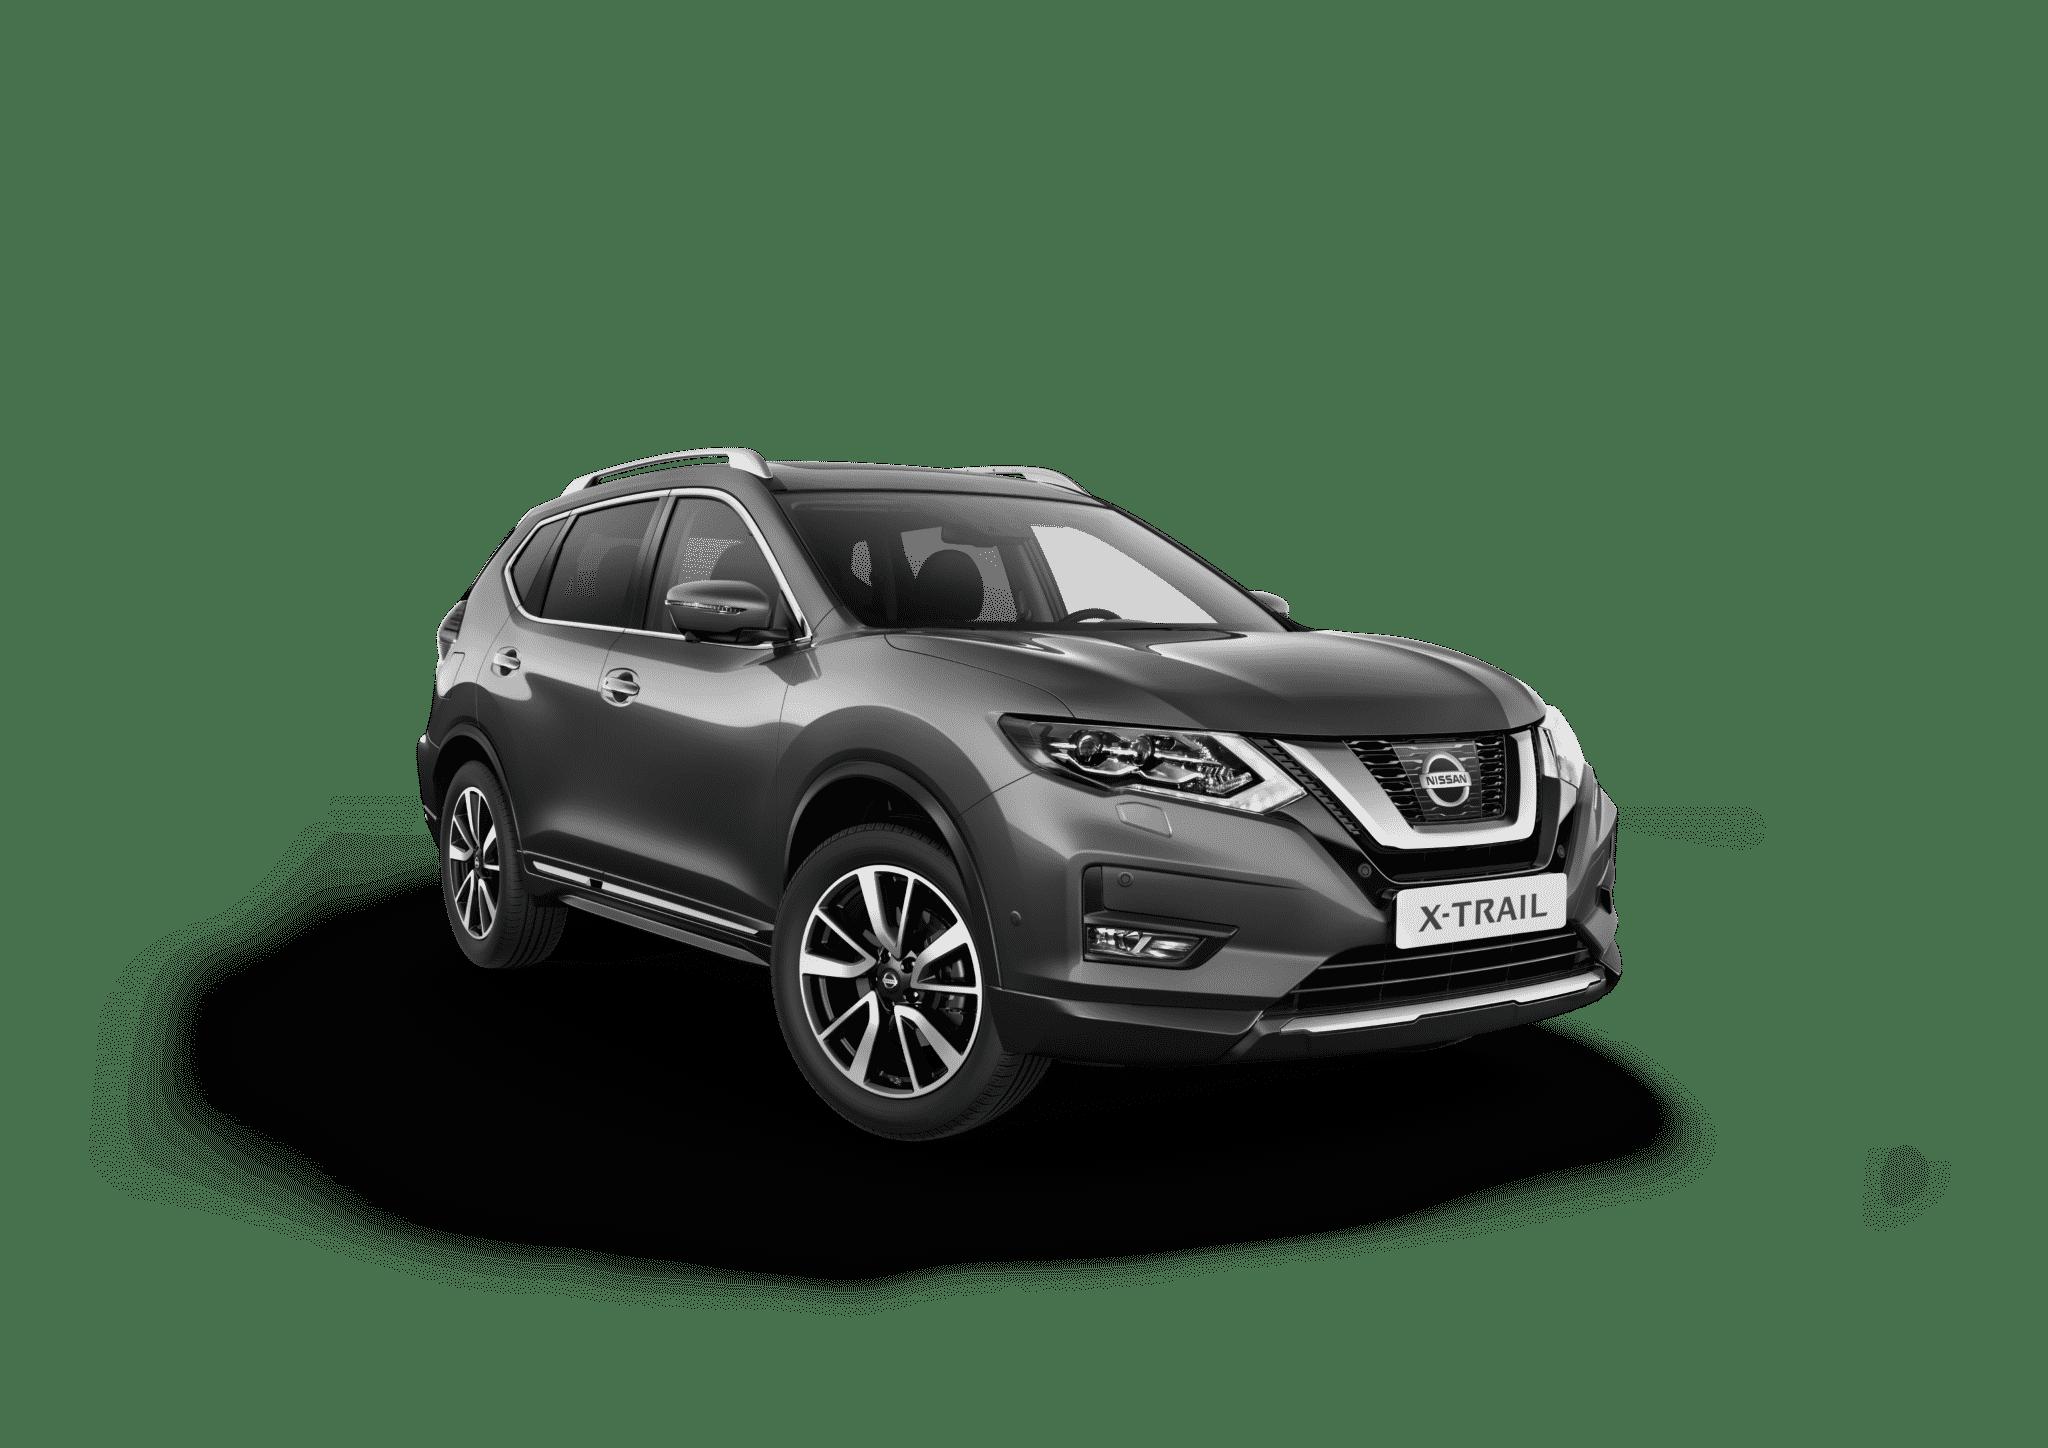 Nissan x-trail koksgrå